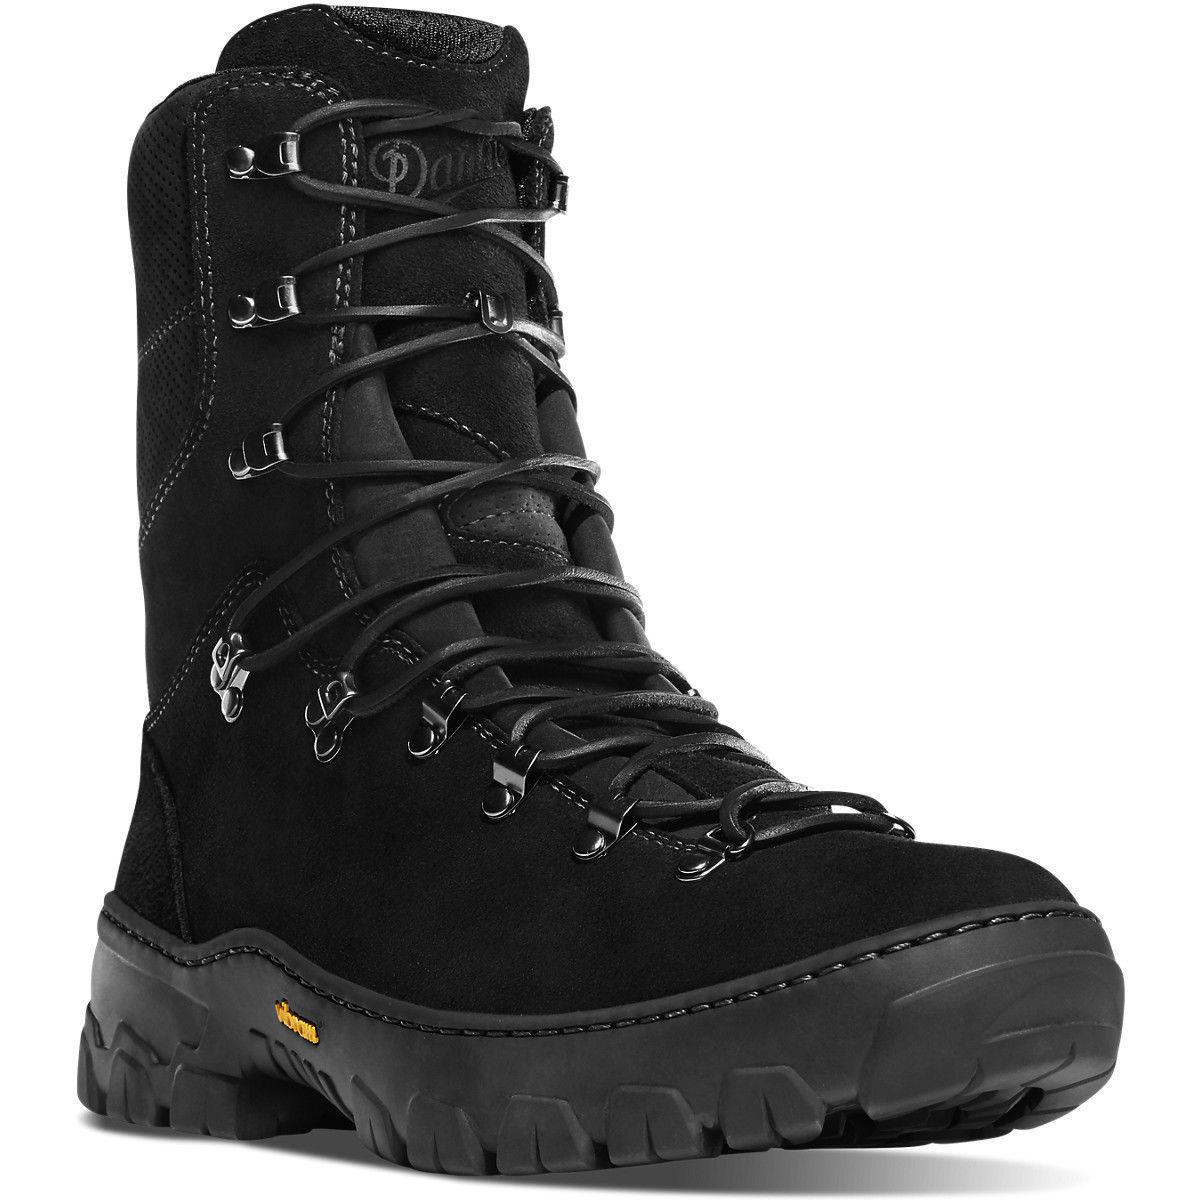 Men`s Danner Boots Wildland Tactical Firefighter 8